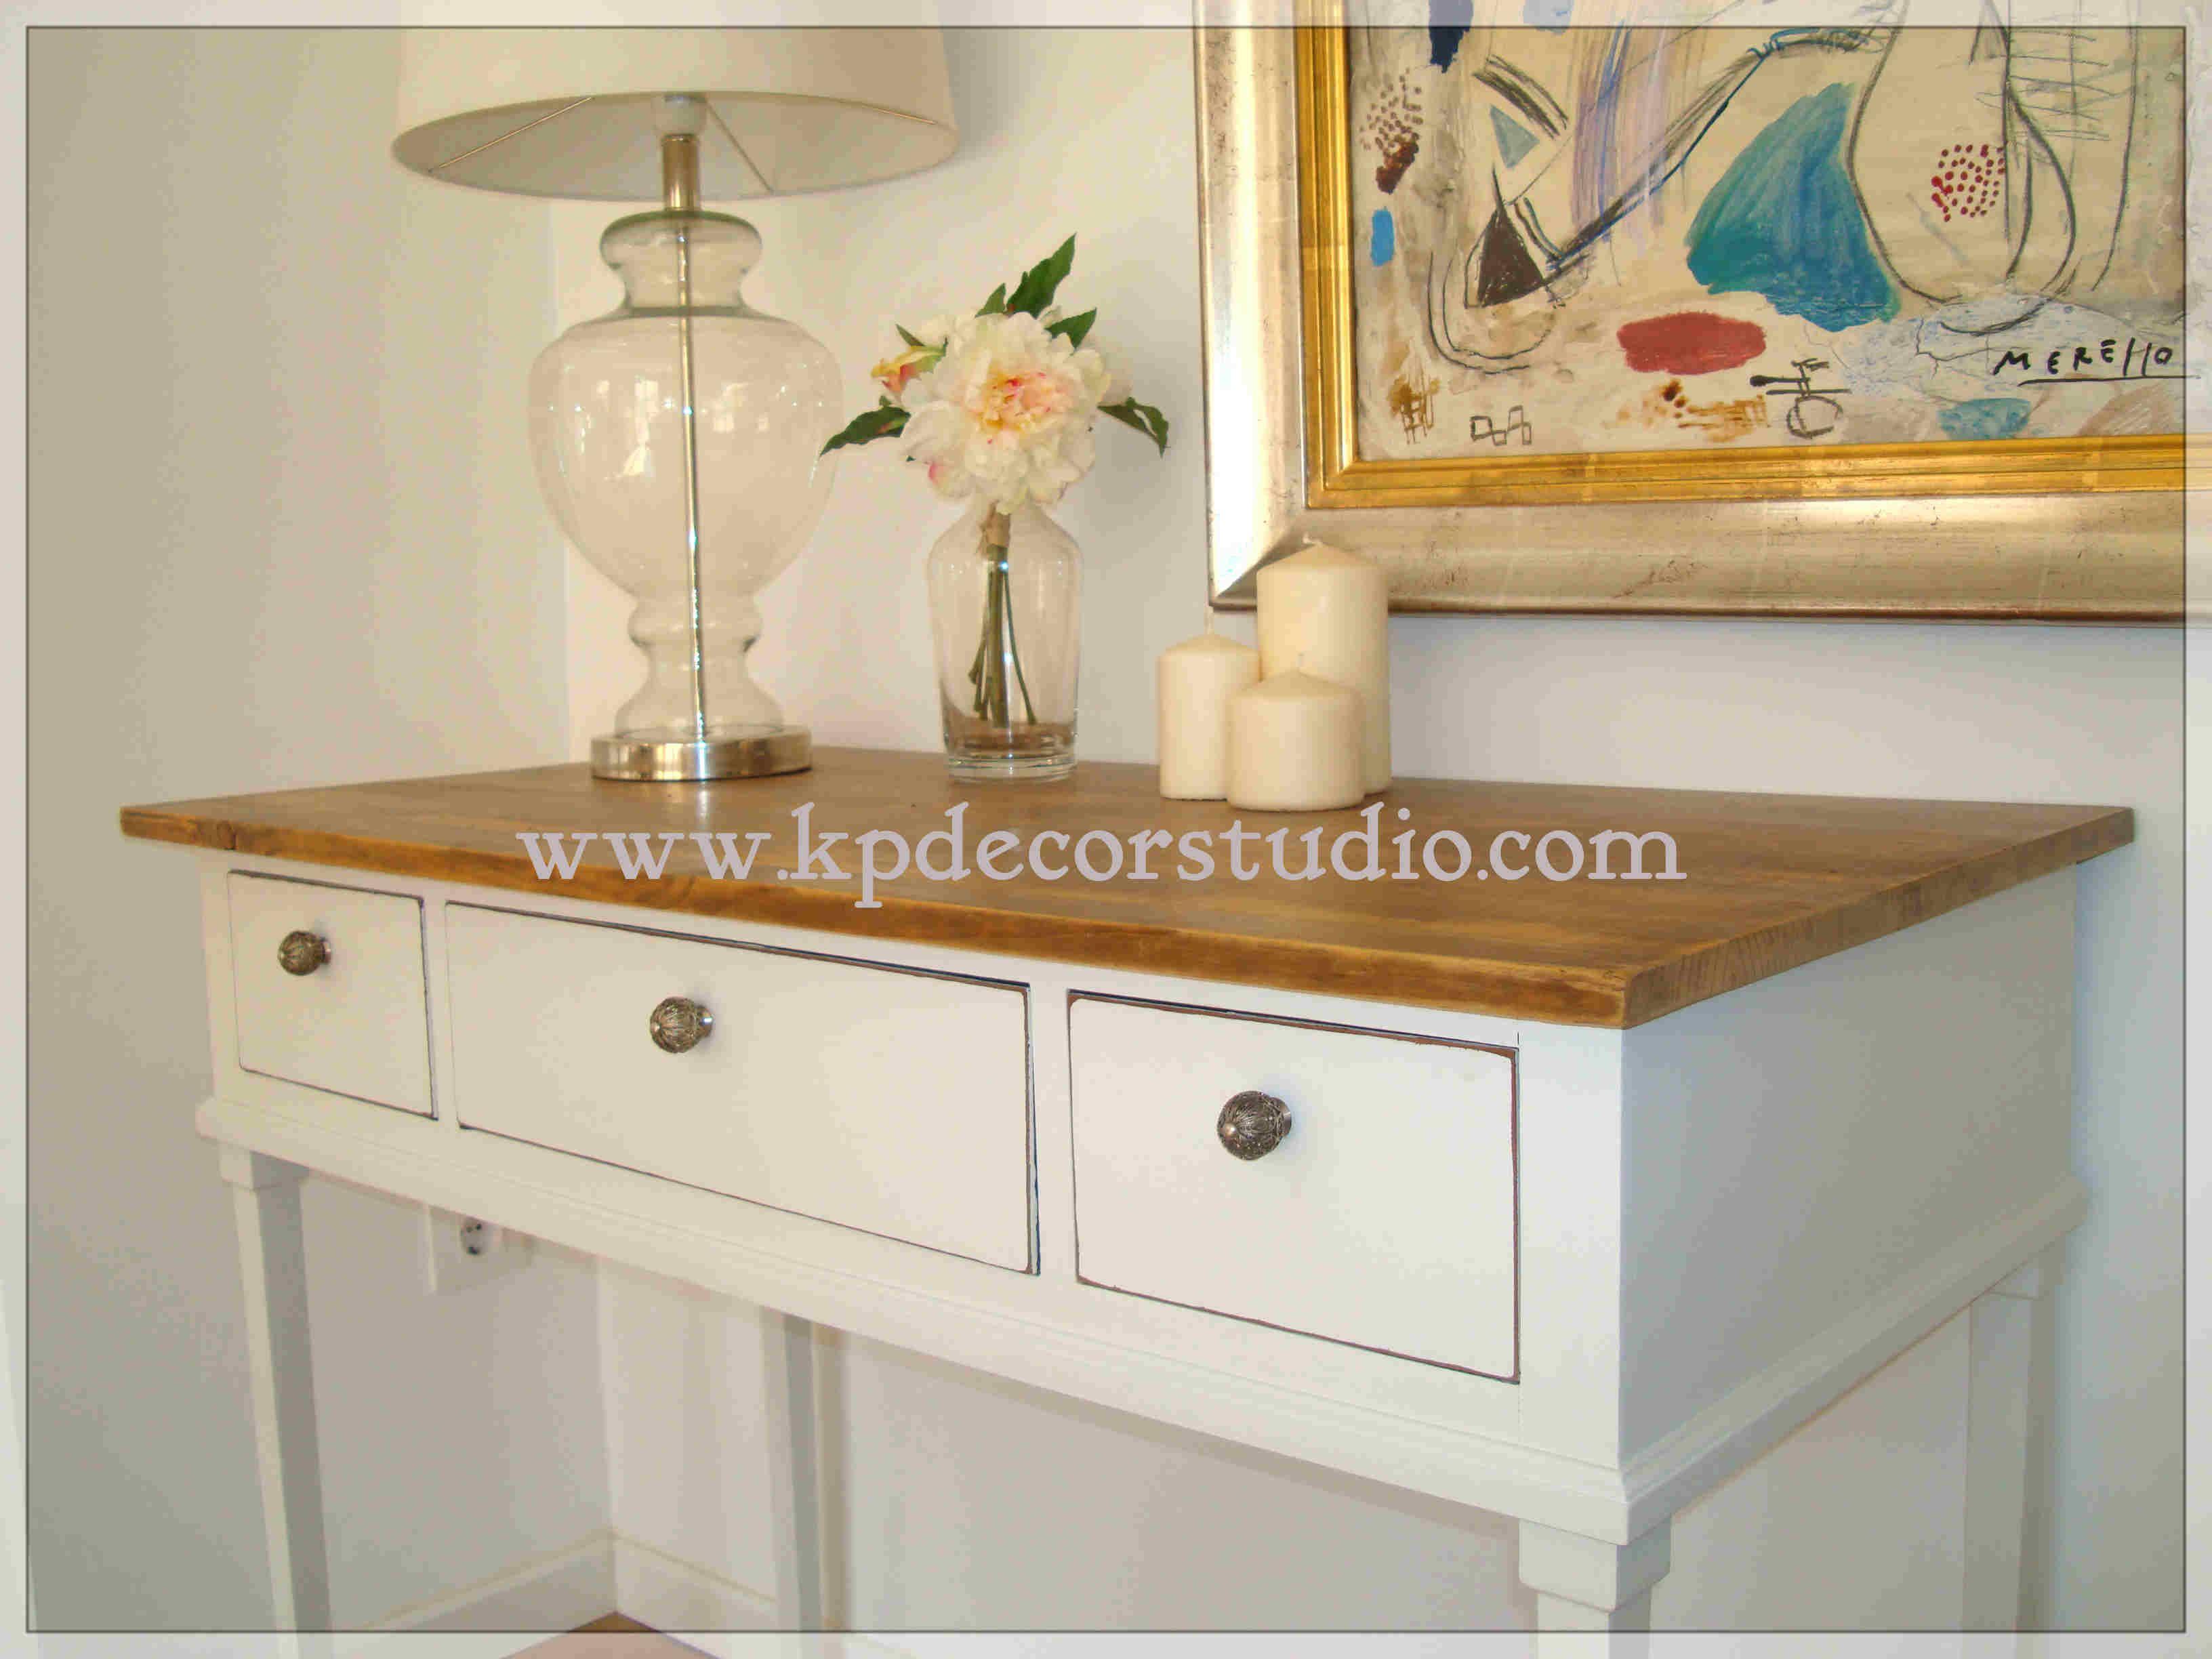 Kpdecorstudio venta y restauraci n de muebles decoracion for Restauracion muebles vintage